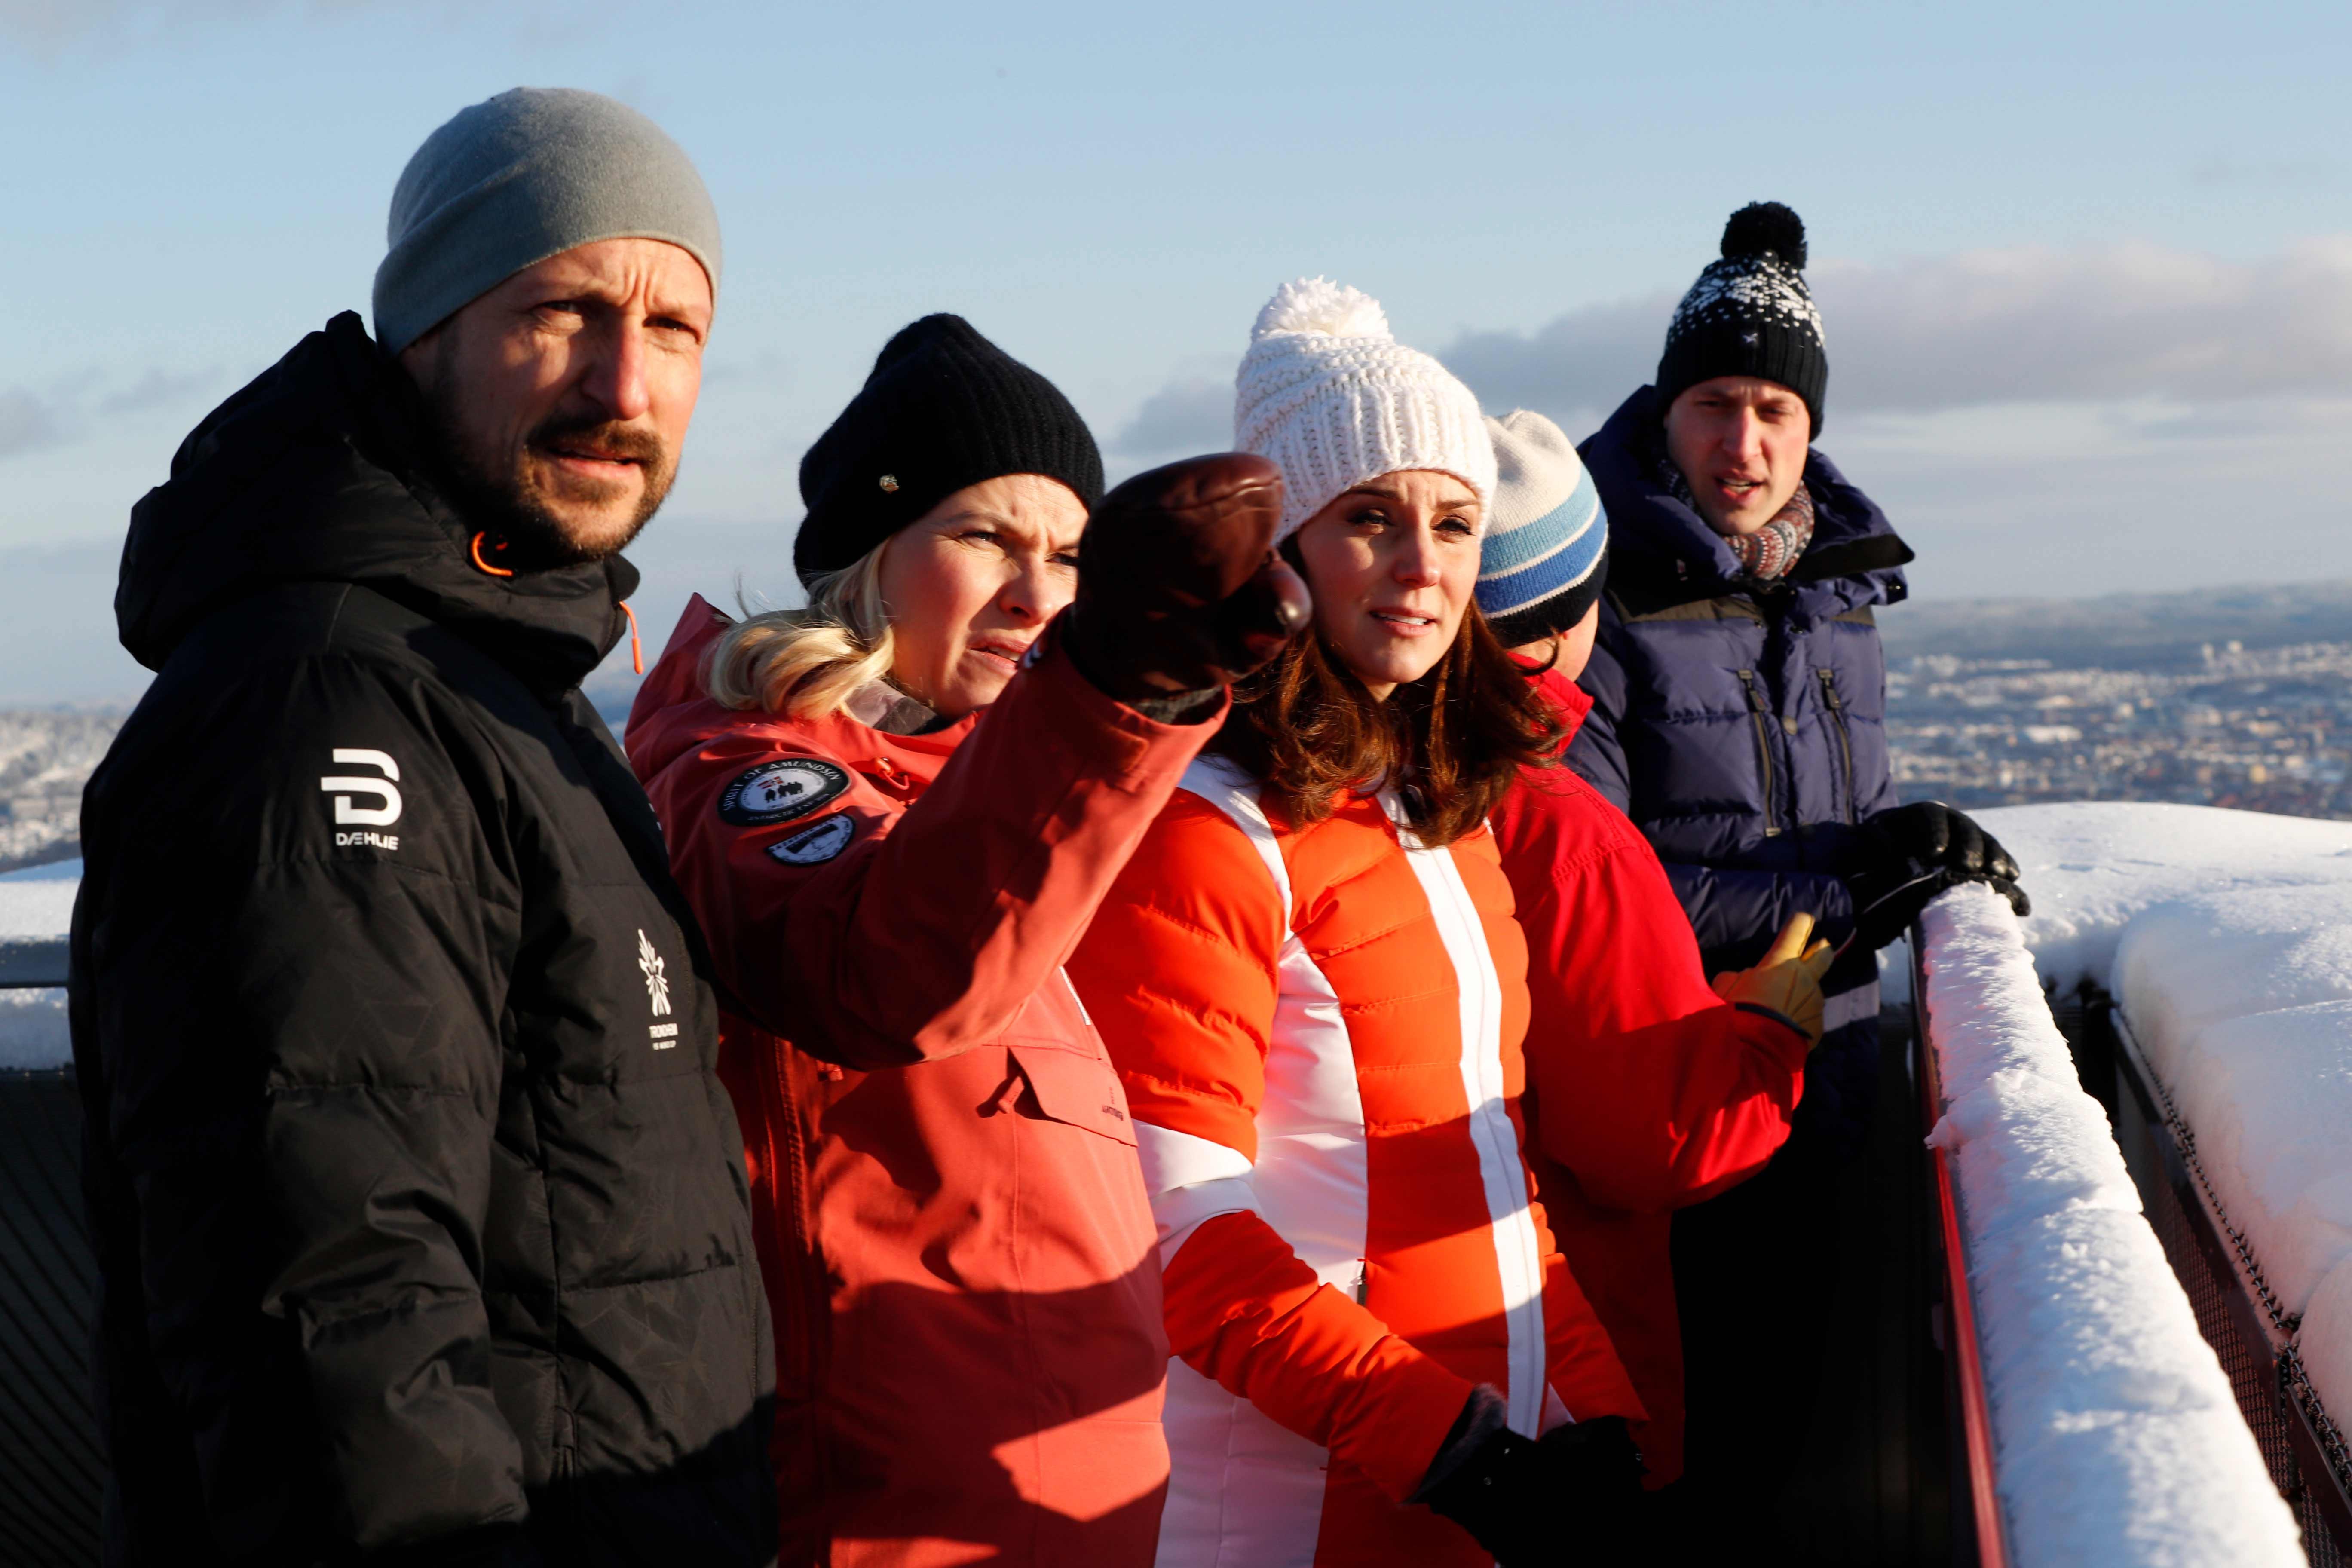 La duquesa de Cambridge, vestida con un gorro y una chaqueta abrigada durante su visita a Noruega. (Foto: AP)